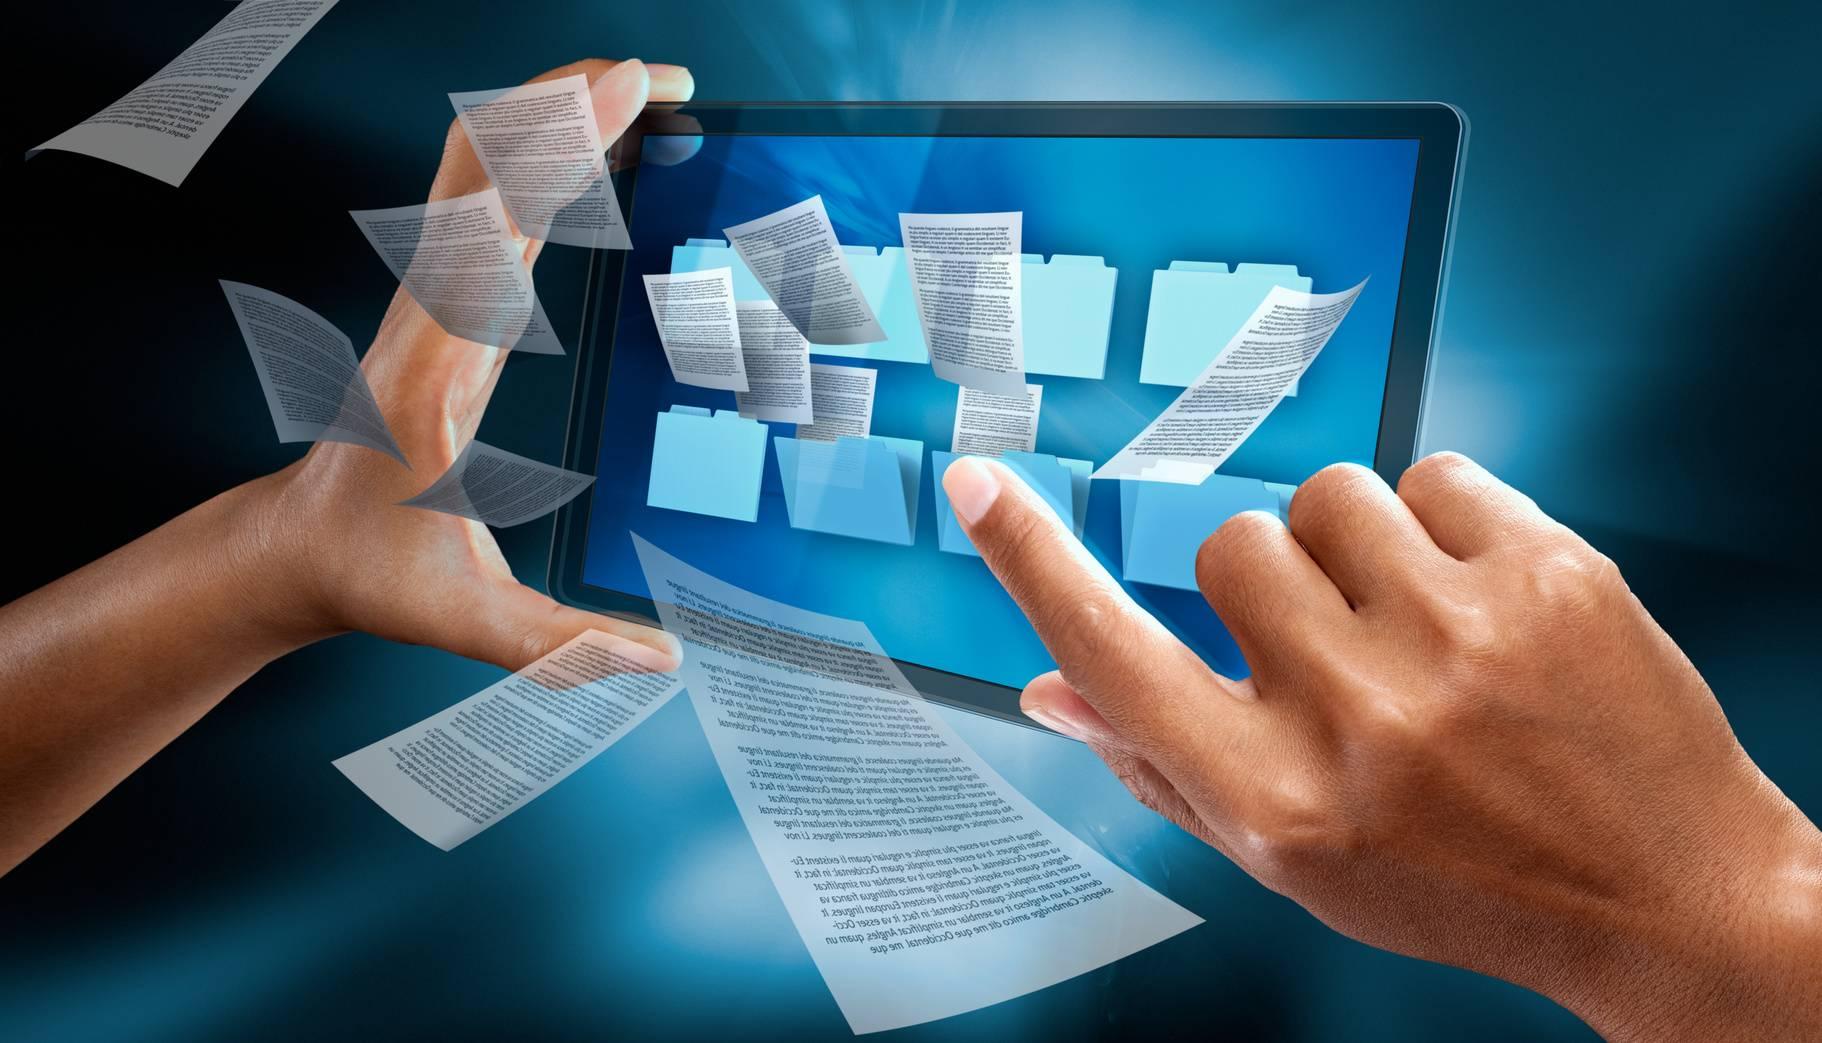 Novarchive et Itesoft | W4 souhaitent aider leurs clients à disposer des composants indispensables pour réussir leur transition digitale.